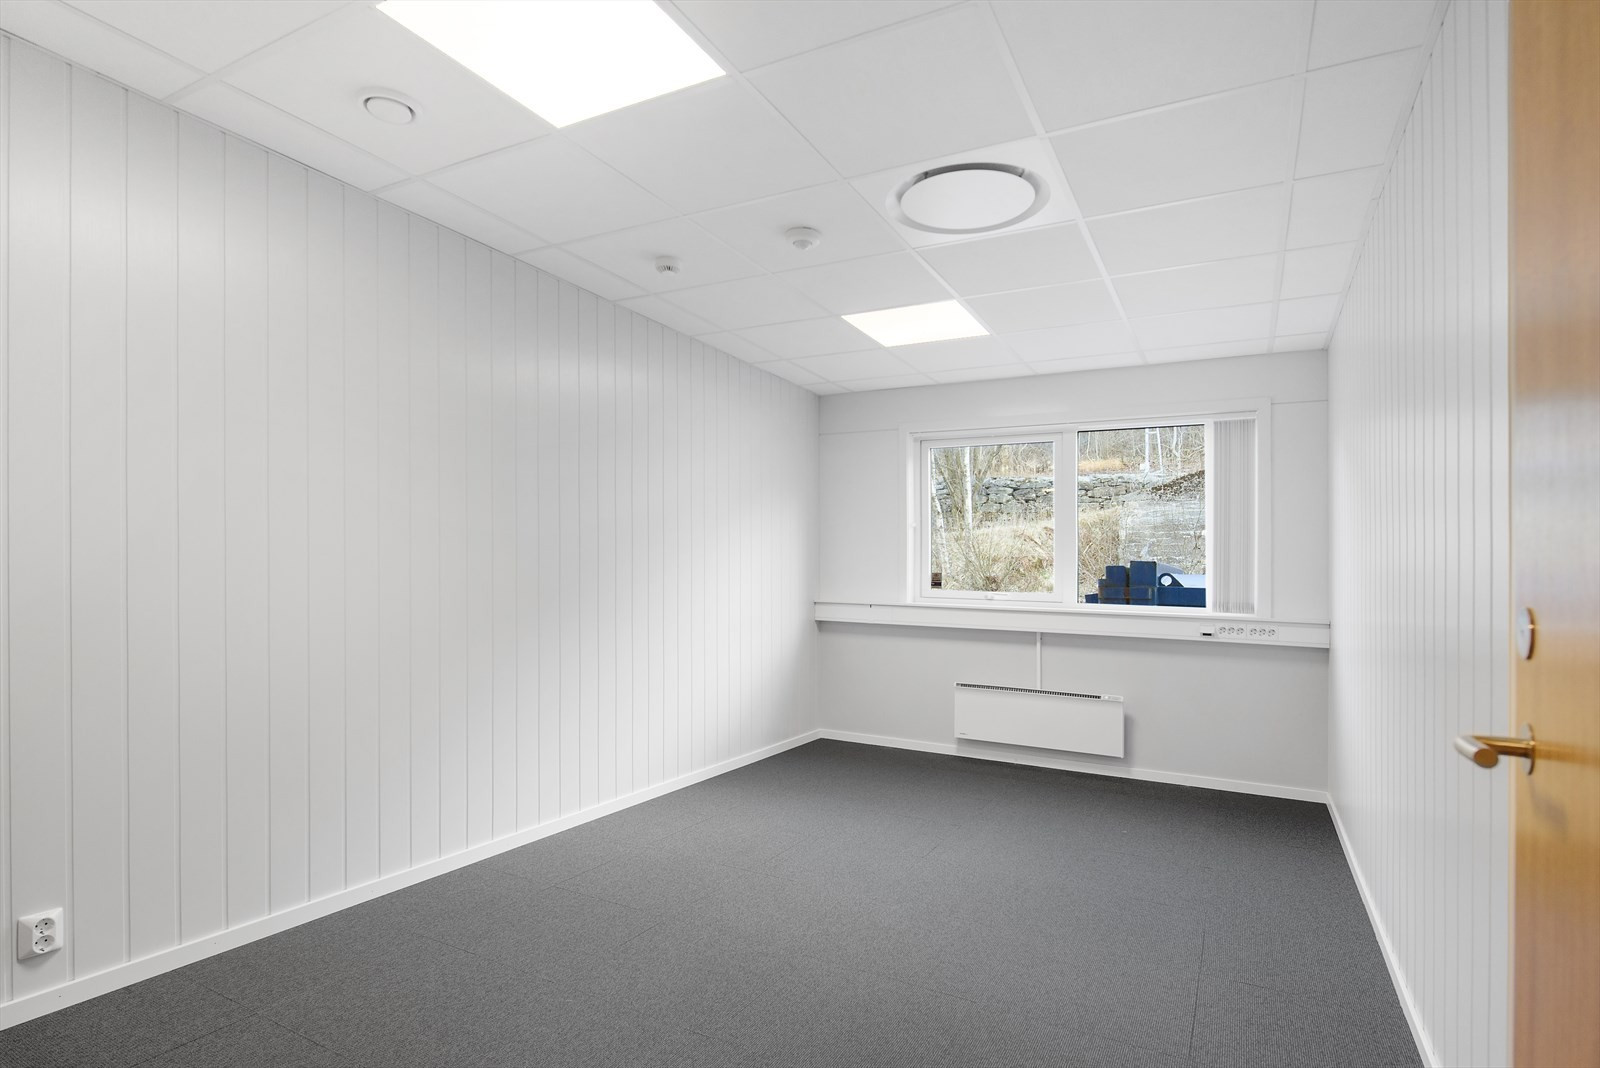 Etter avtale tilpasses ledige kontorlokaler i 2. etasje iht leietakers kravspesifikasjoner.